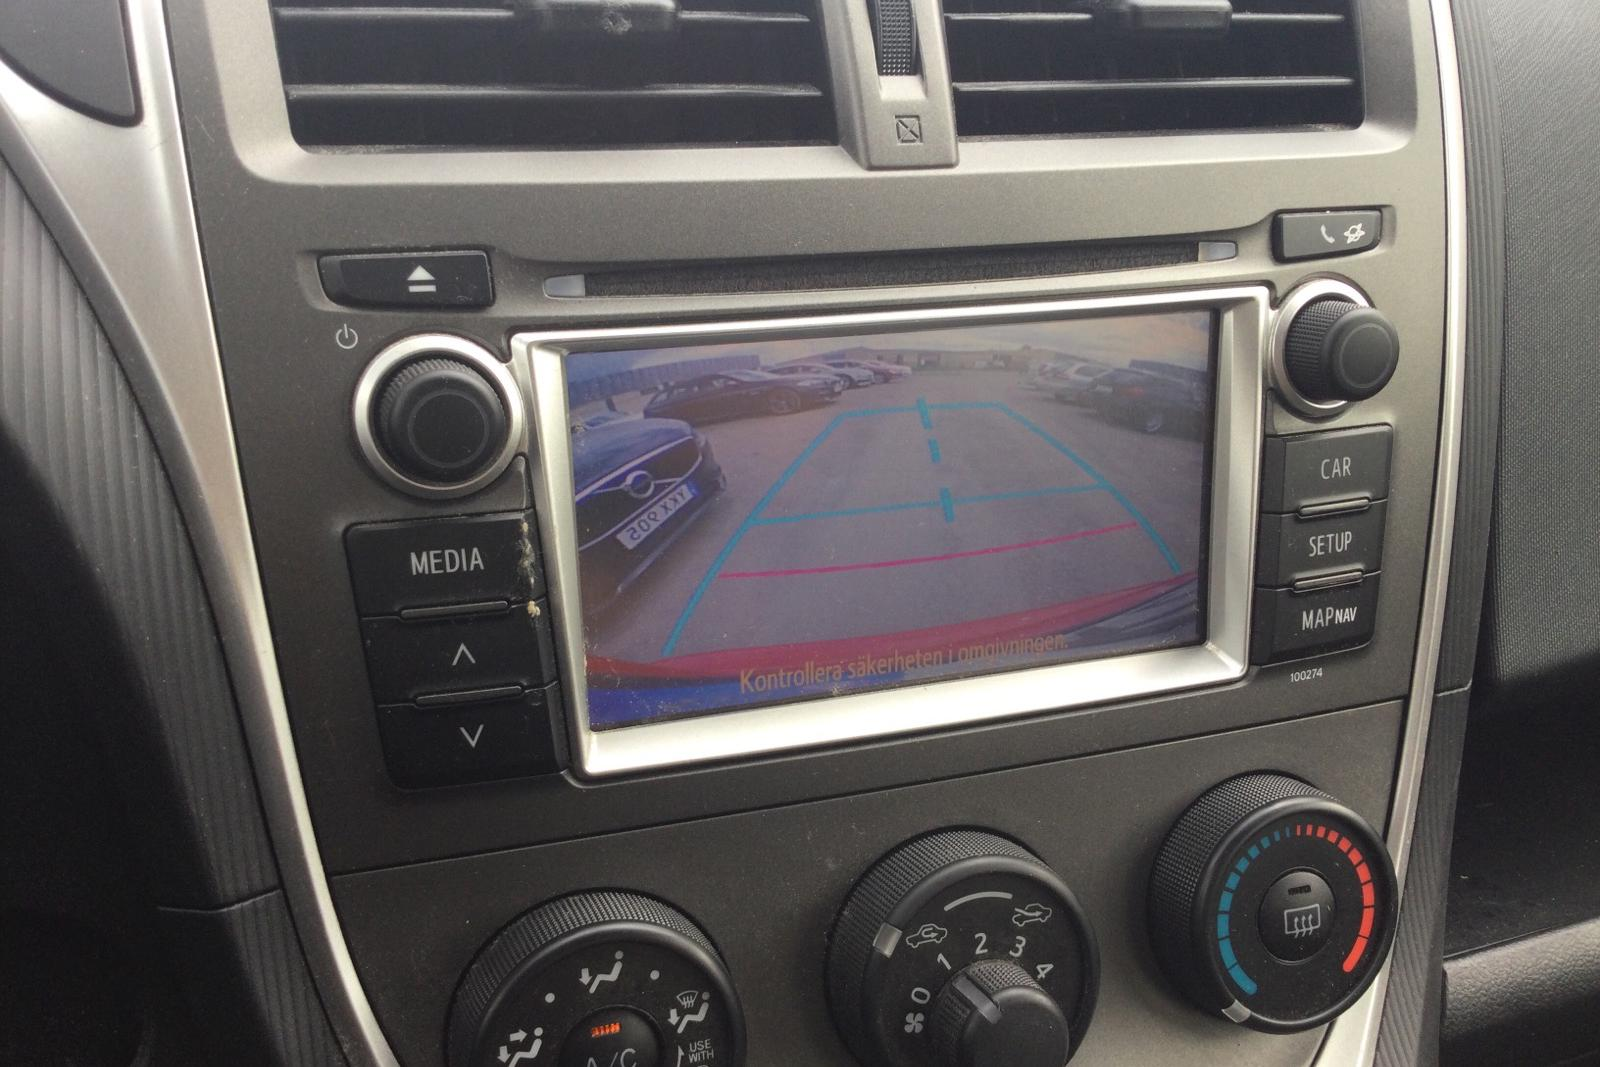 Toyota Verso S 1.33 (99hk) - 4 883 mil - Automat - röd - 2014